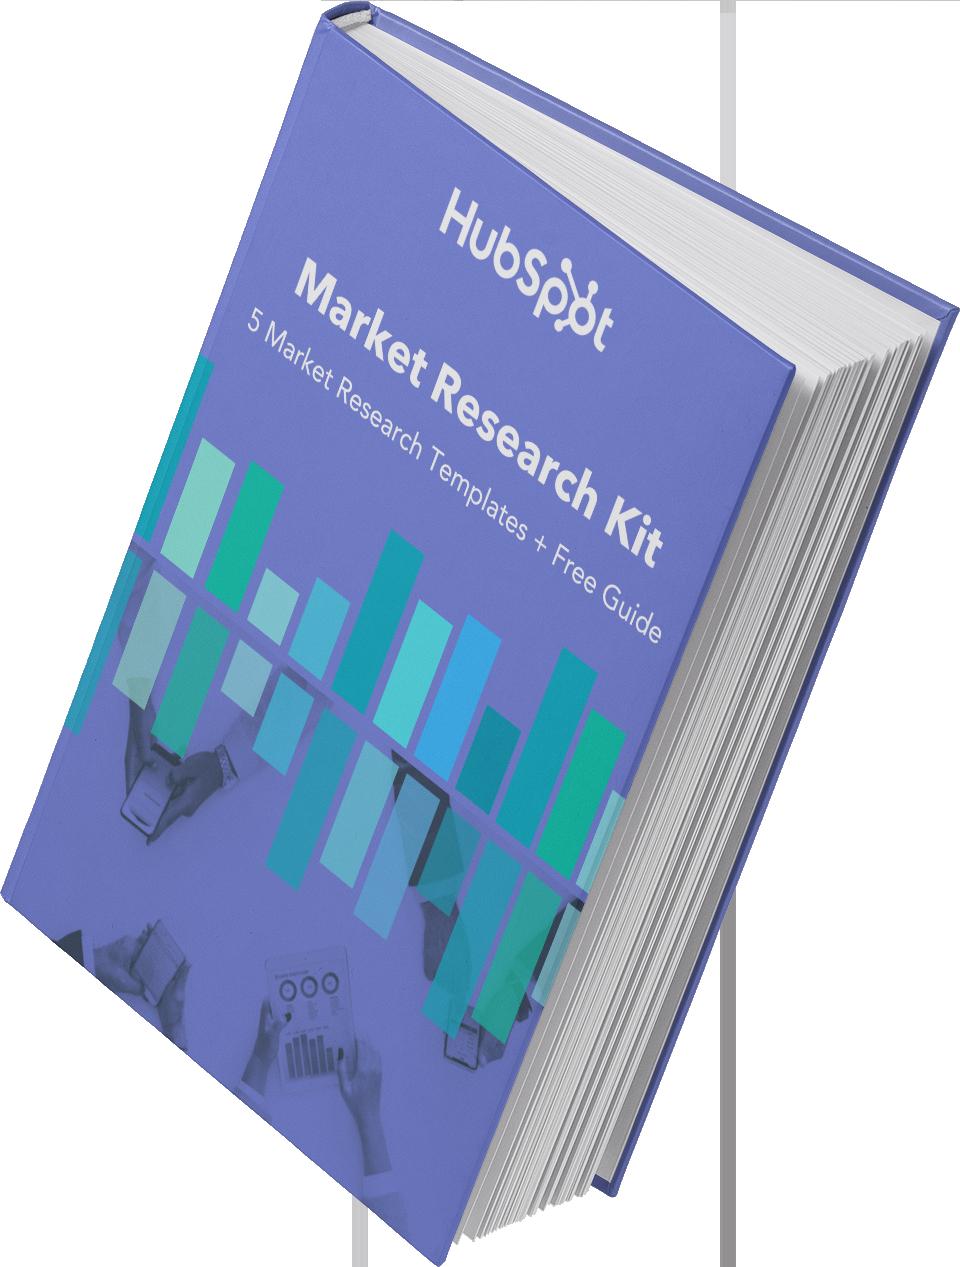 Market Research Kit